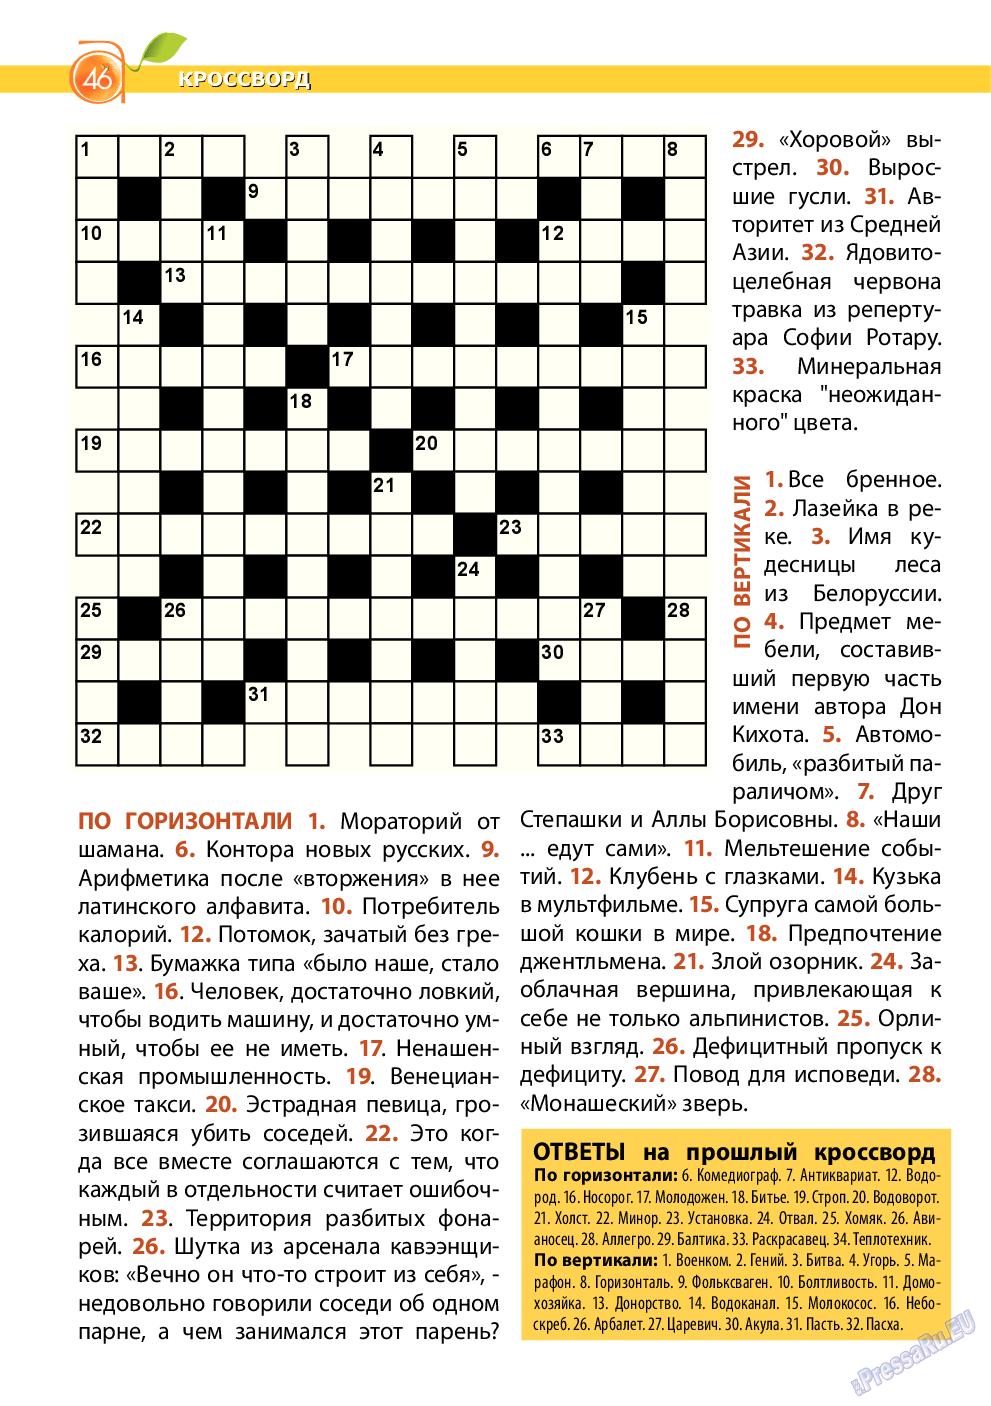 Апельсин (журнал). 2013 год, номер 49, стр. 44